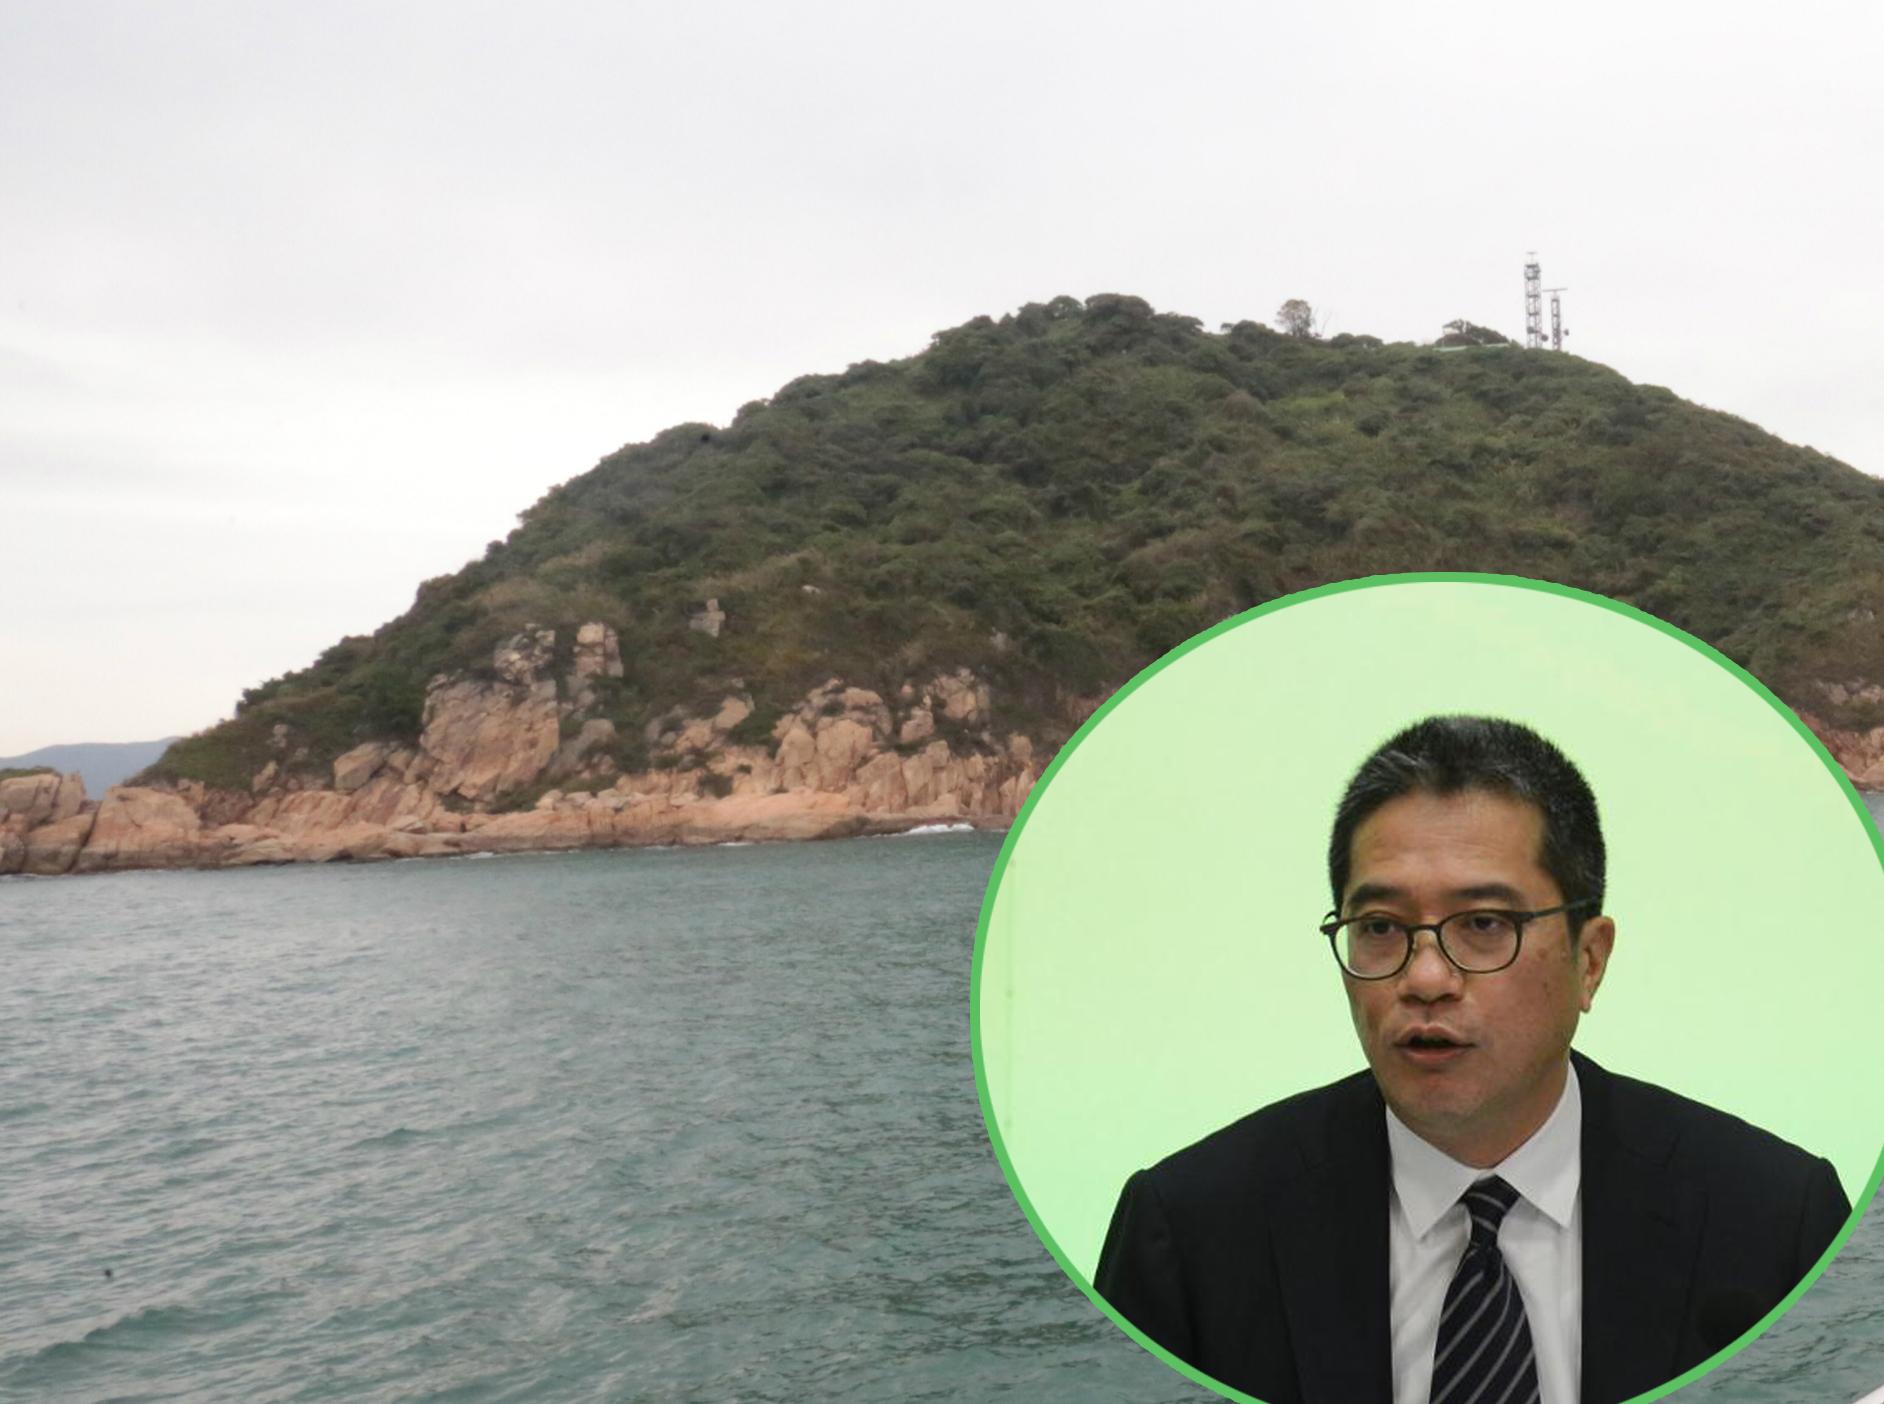 发展局局长黄伟纶就明日大屿愿景举行记者会,交代估算细节。